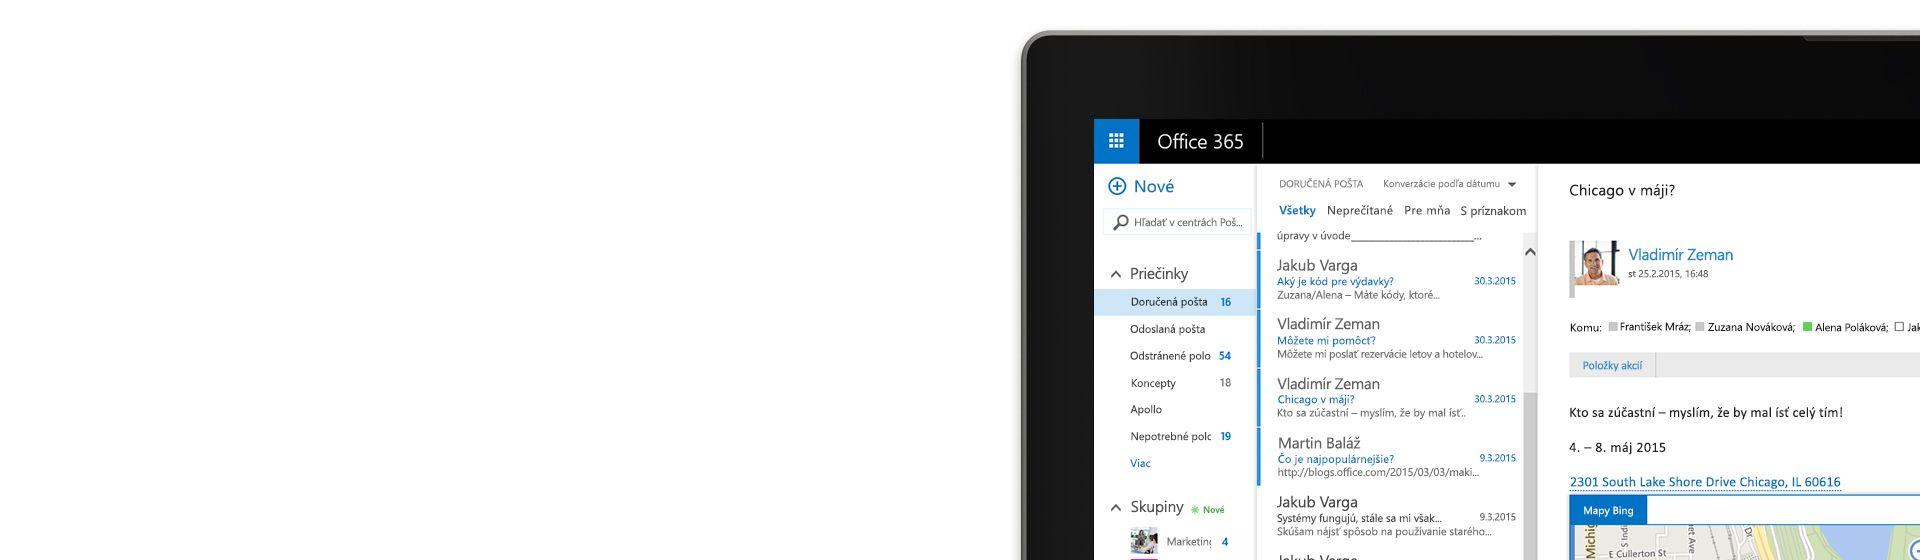 Roh obrazovky počítača zobrazujúcej priečinok doručenej pošty vslužbách Office 365